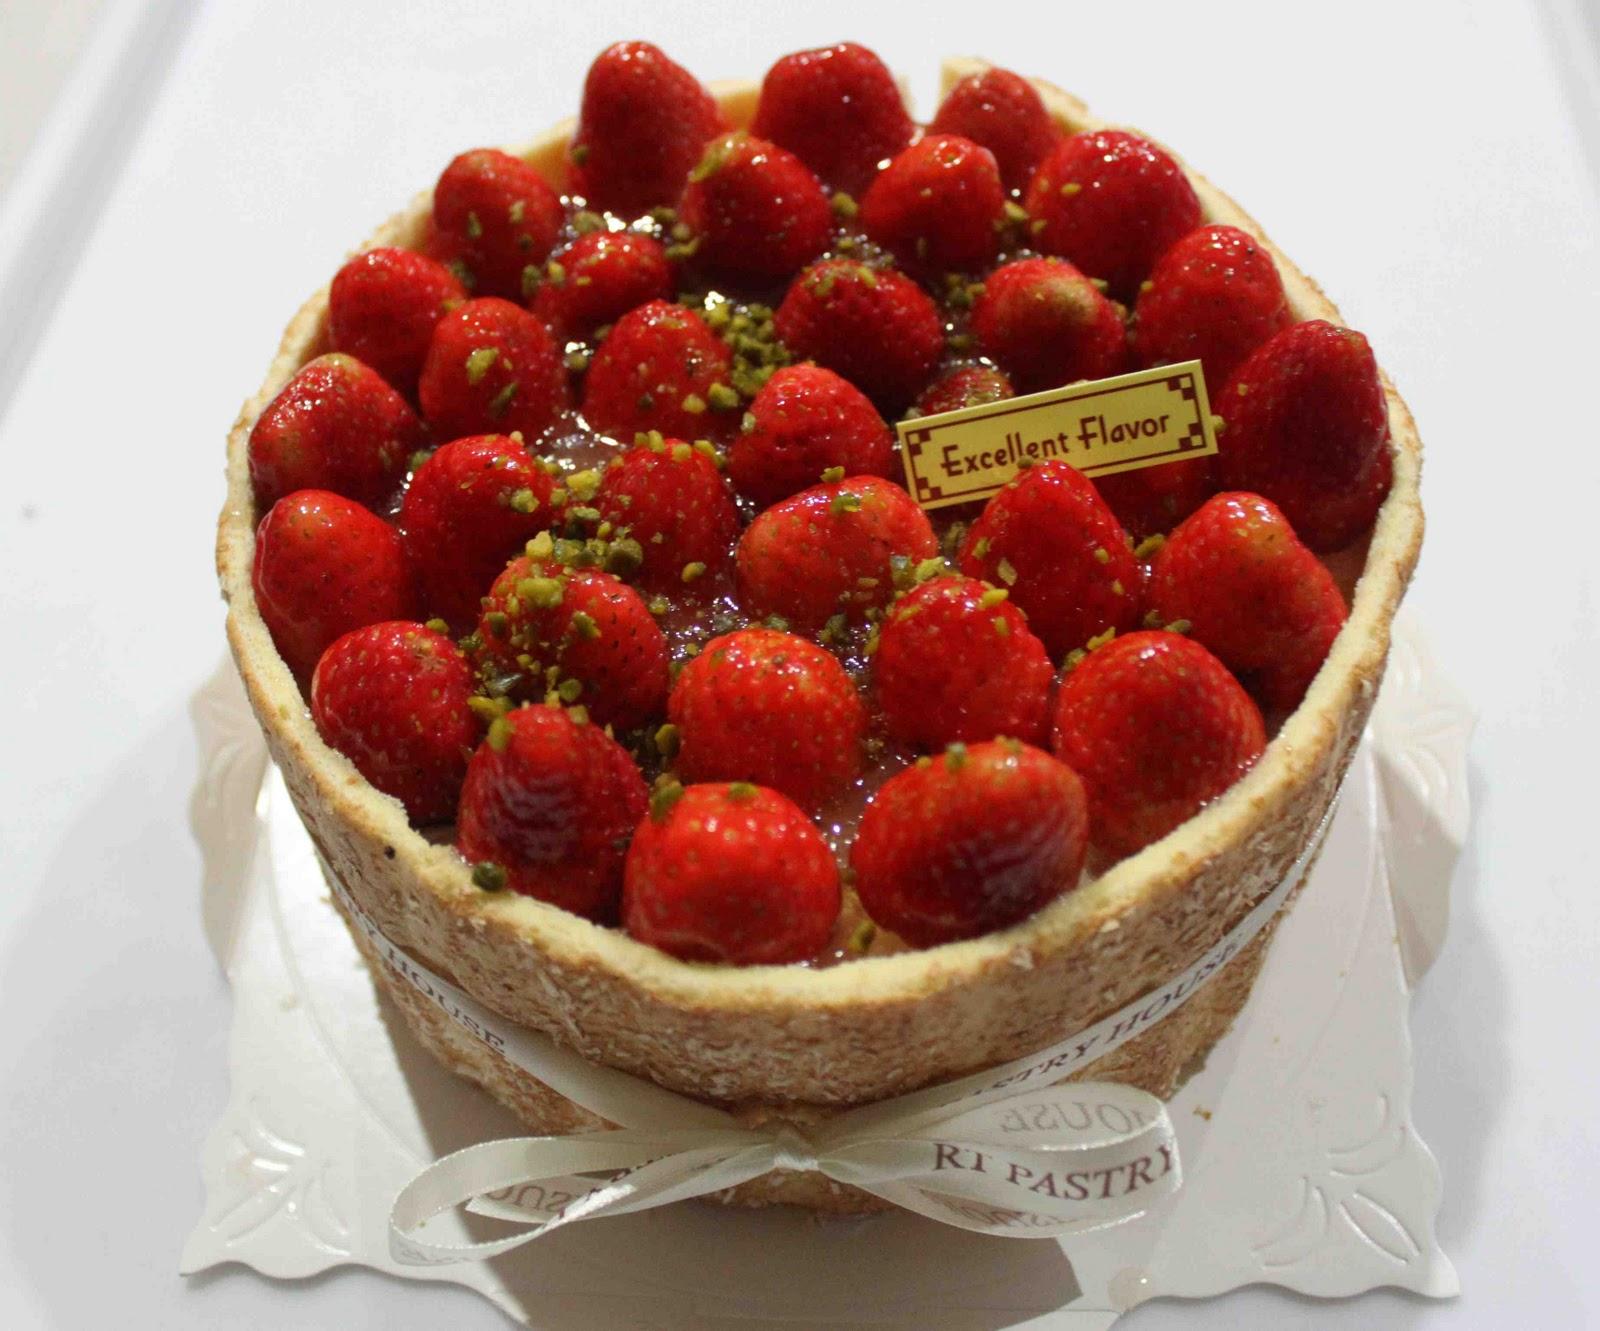 K H E N G Rt Pastry Cake